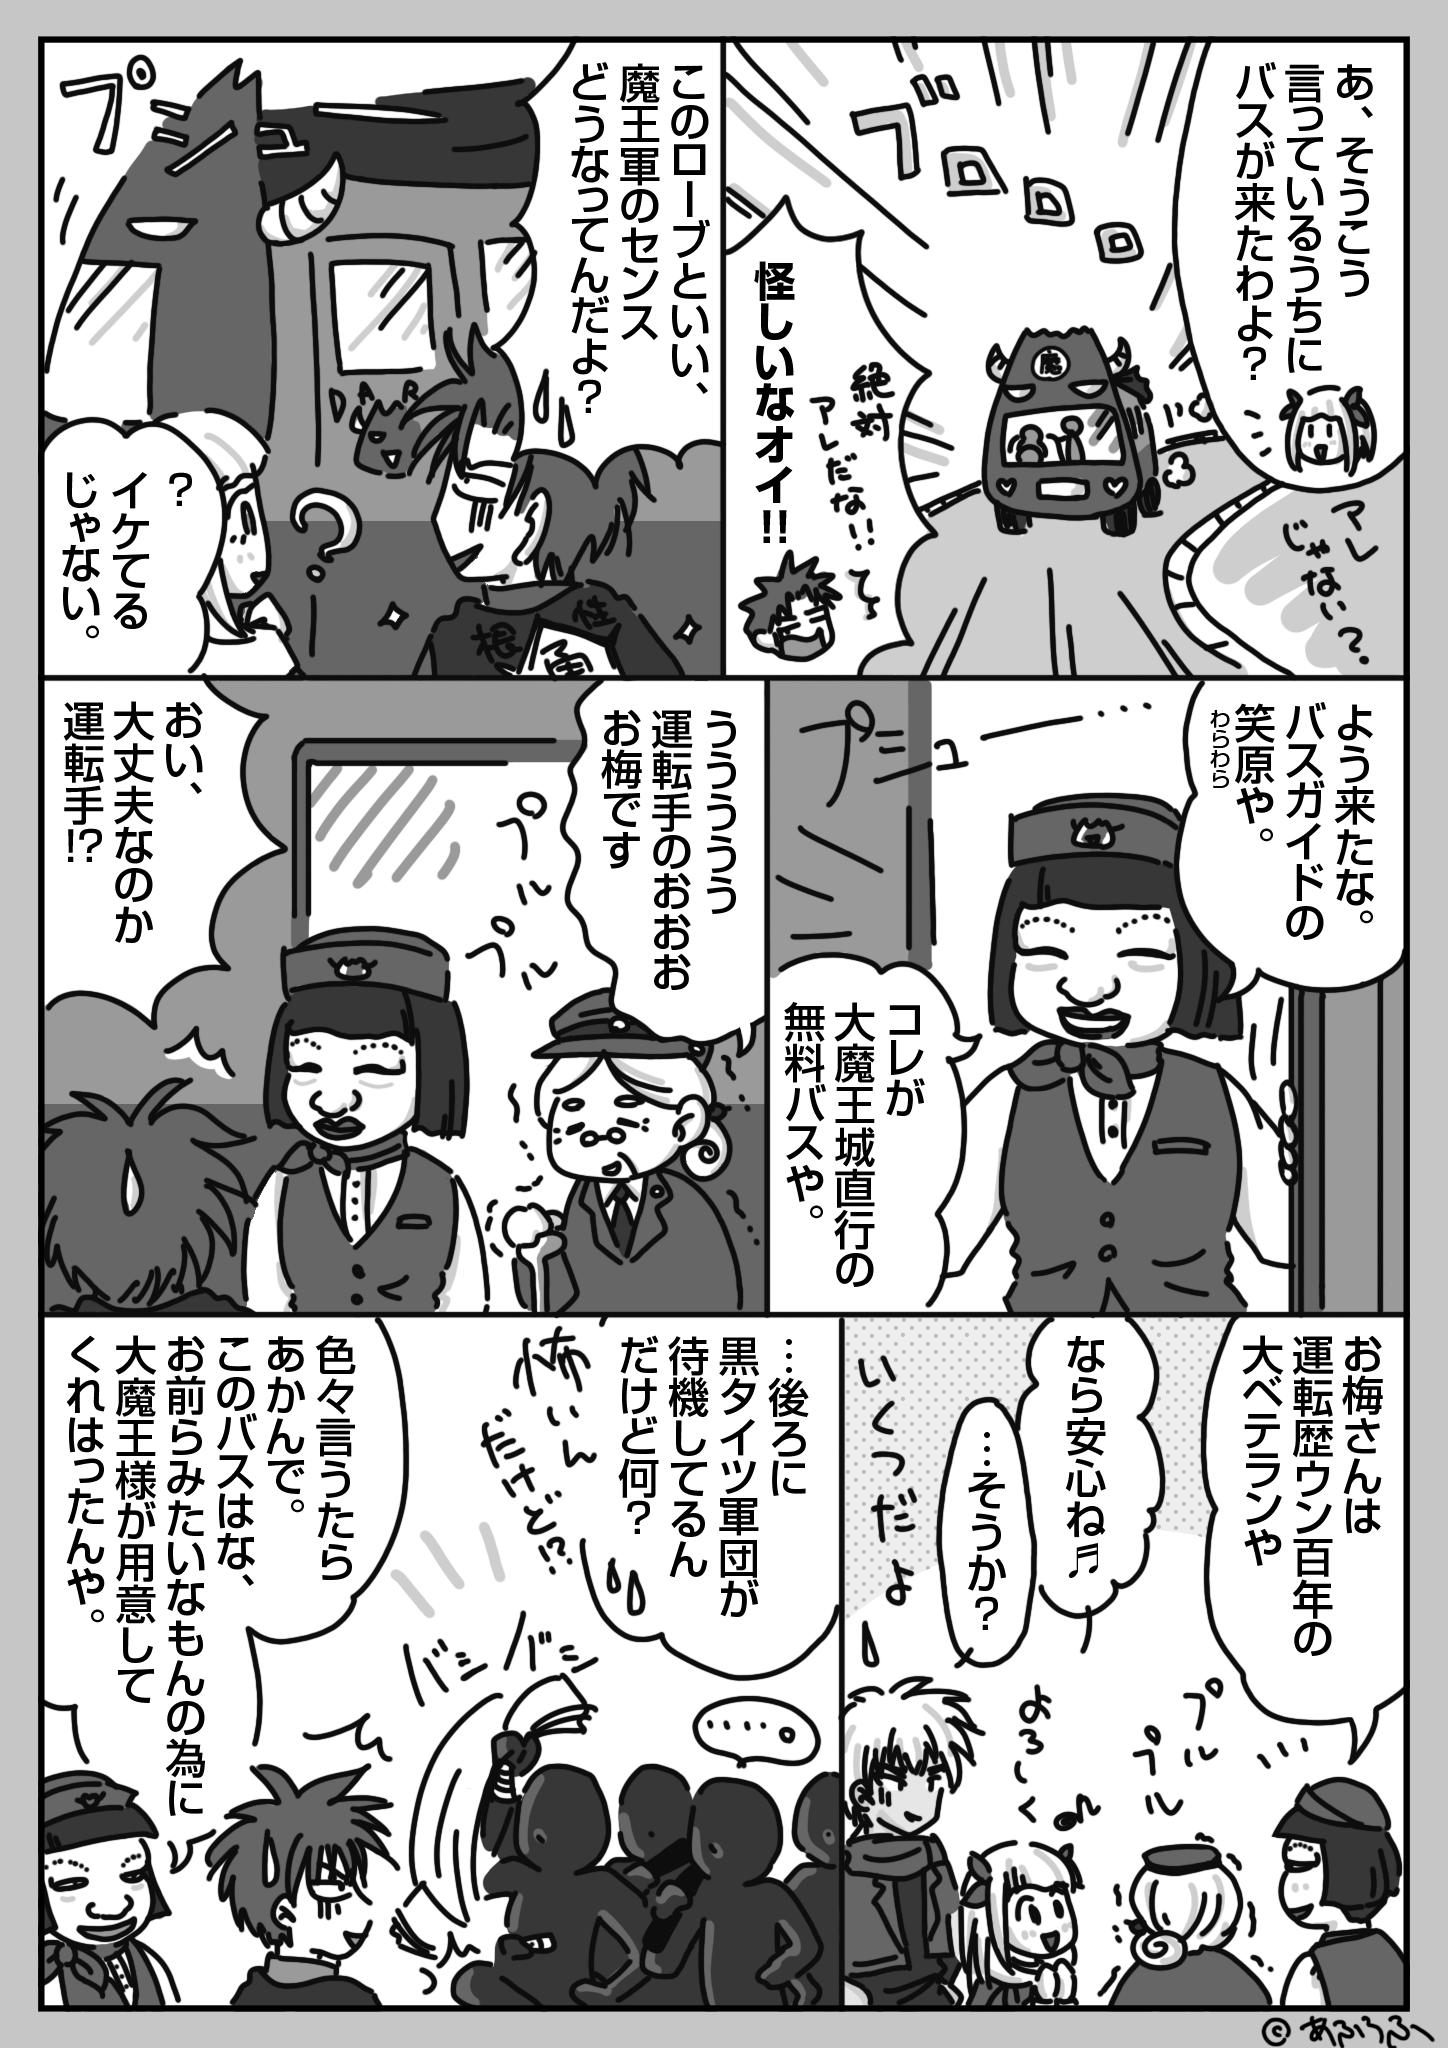 5話『大魔王城ツアーバスと暗黒タイツ軍団』(5)